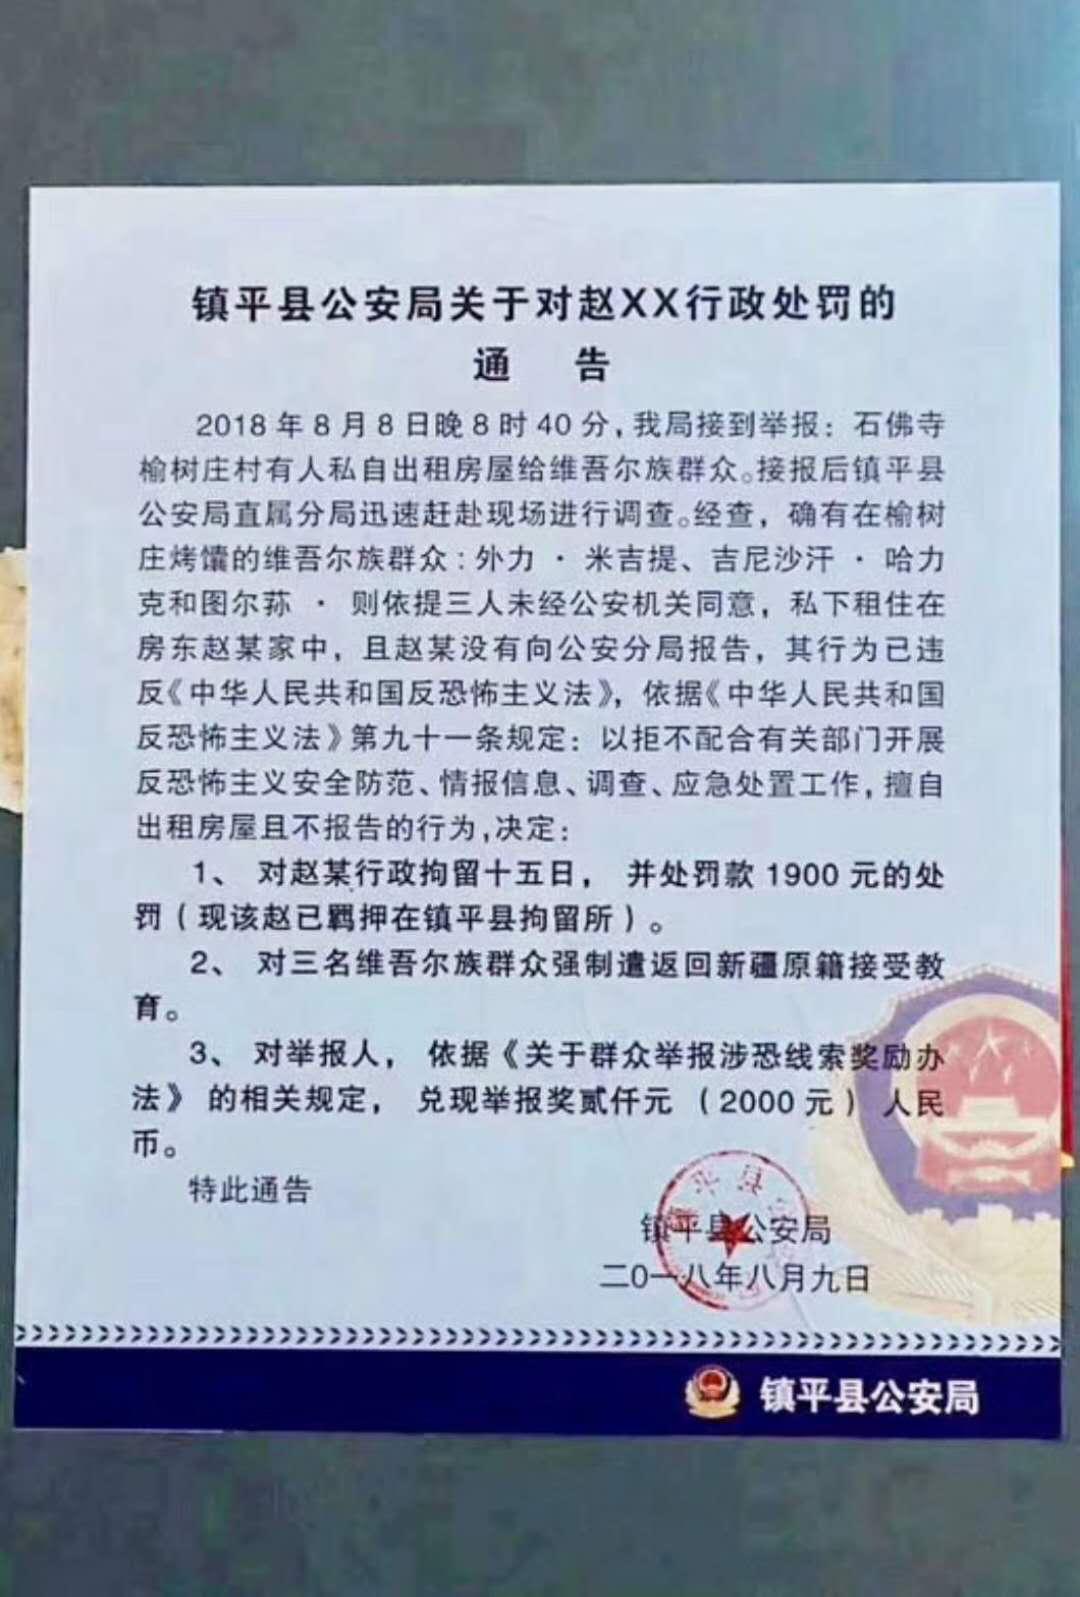 【立此存照】租房给维吾尔群众为恐怖活动